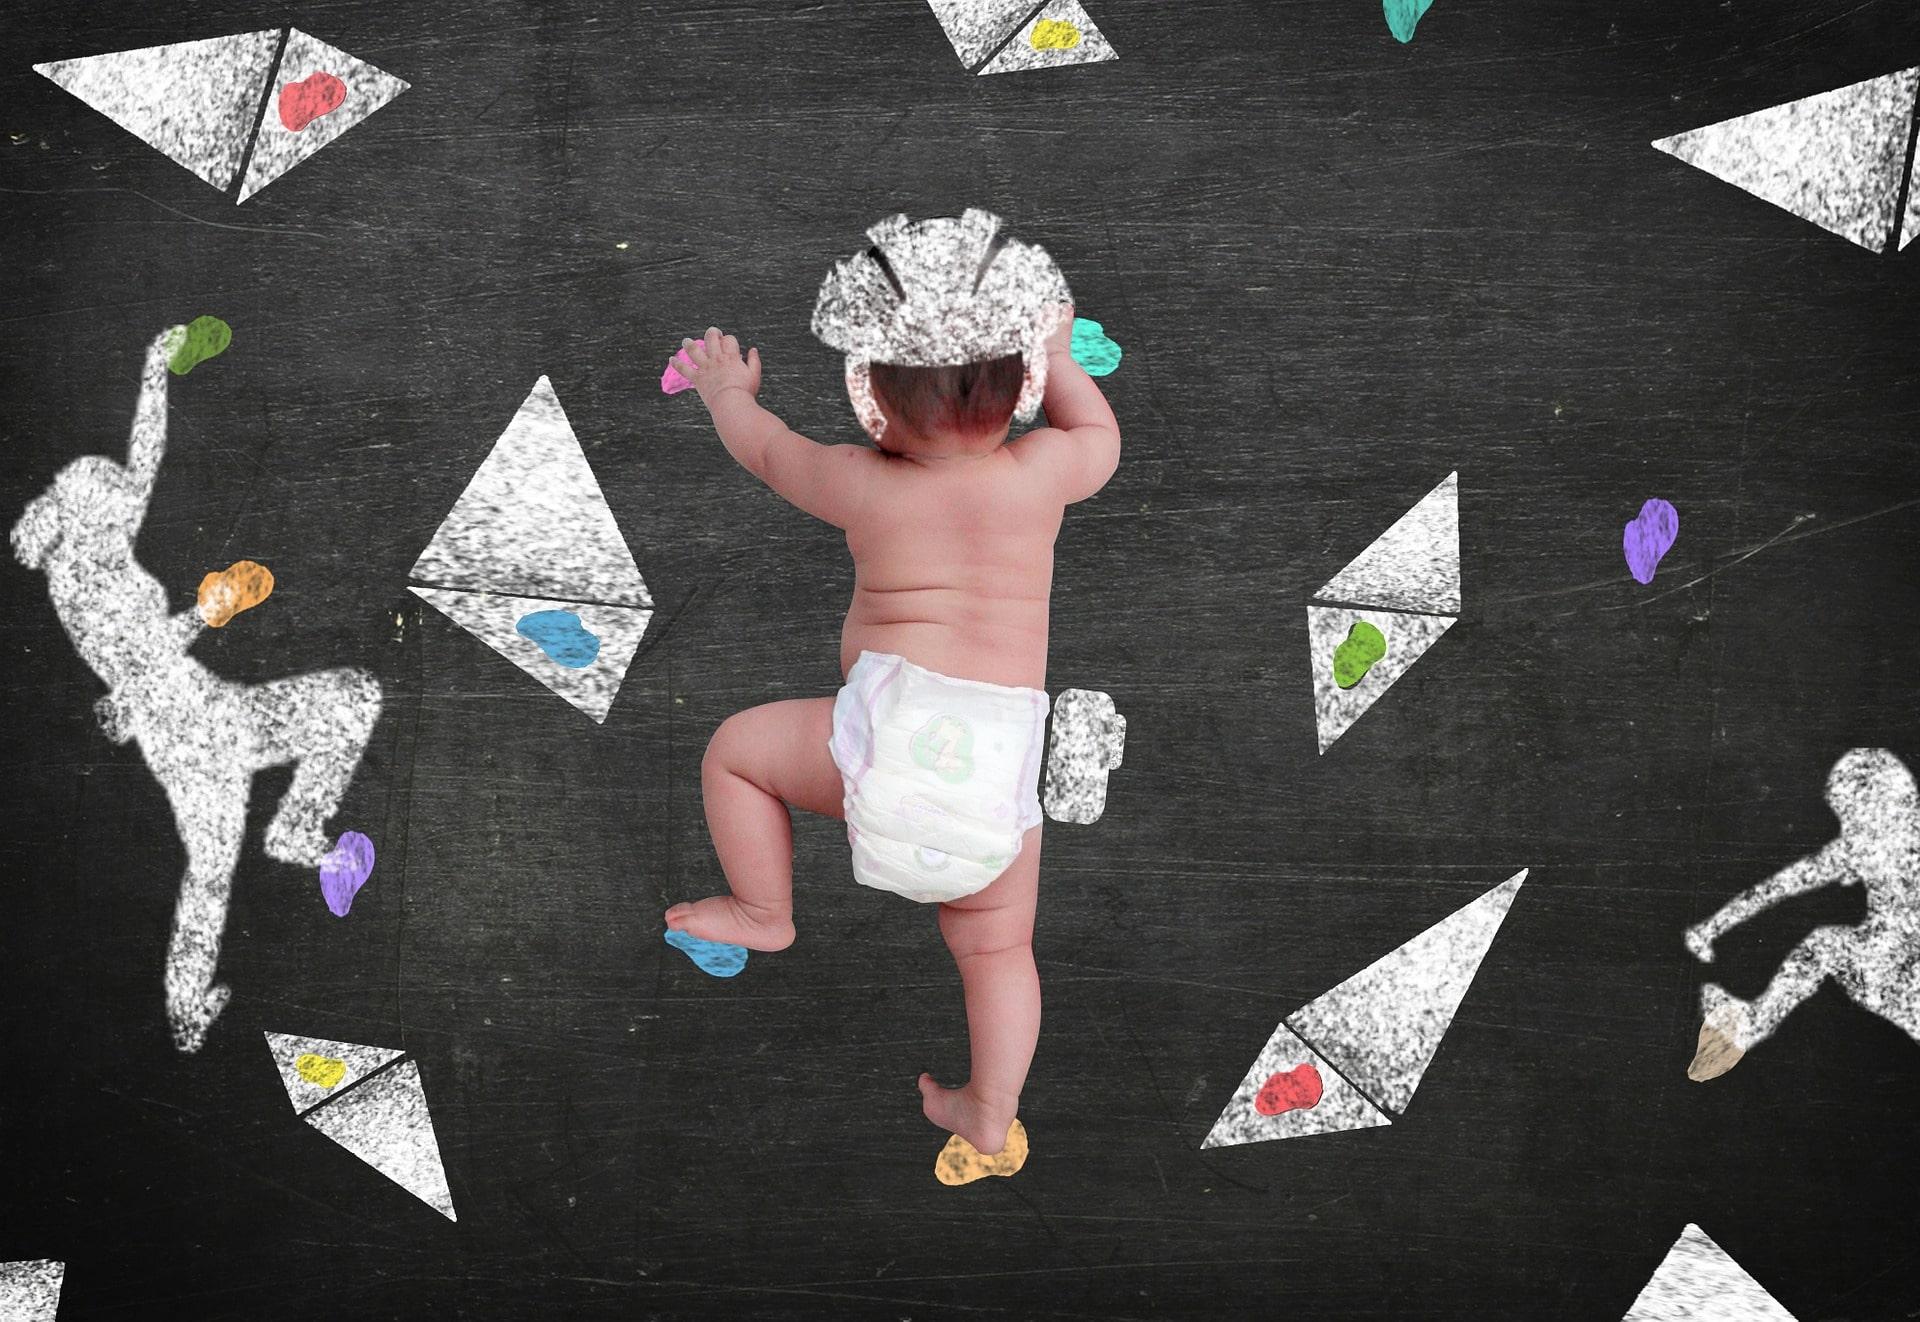 Bébé escalade